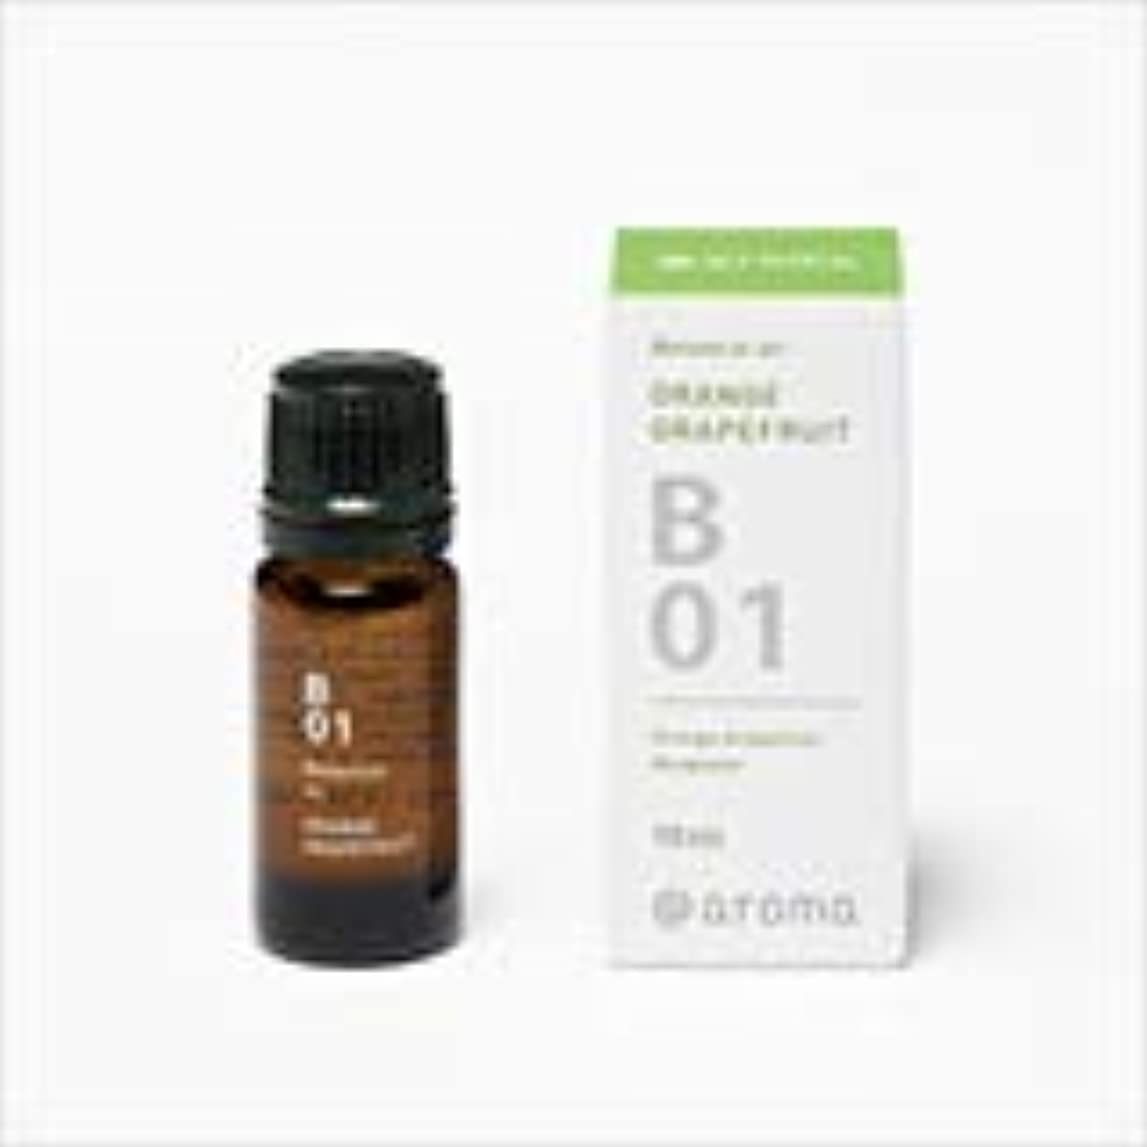 がんばり続ける溶融もちろんアットアロマ 100%pure essential oil <Botanical air ジュニパーシダー>